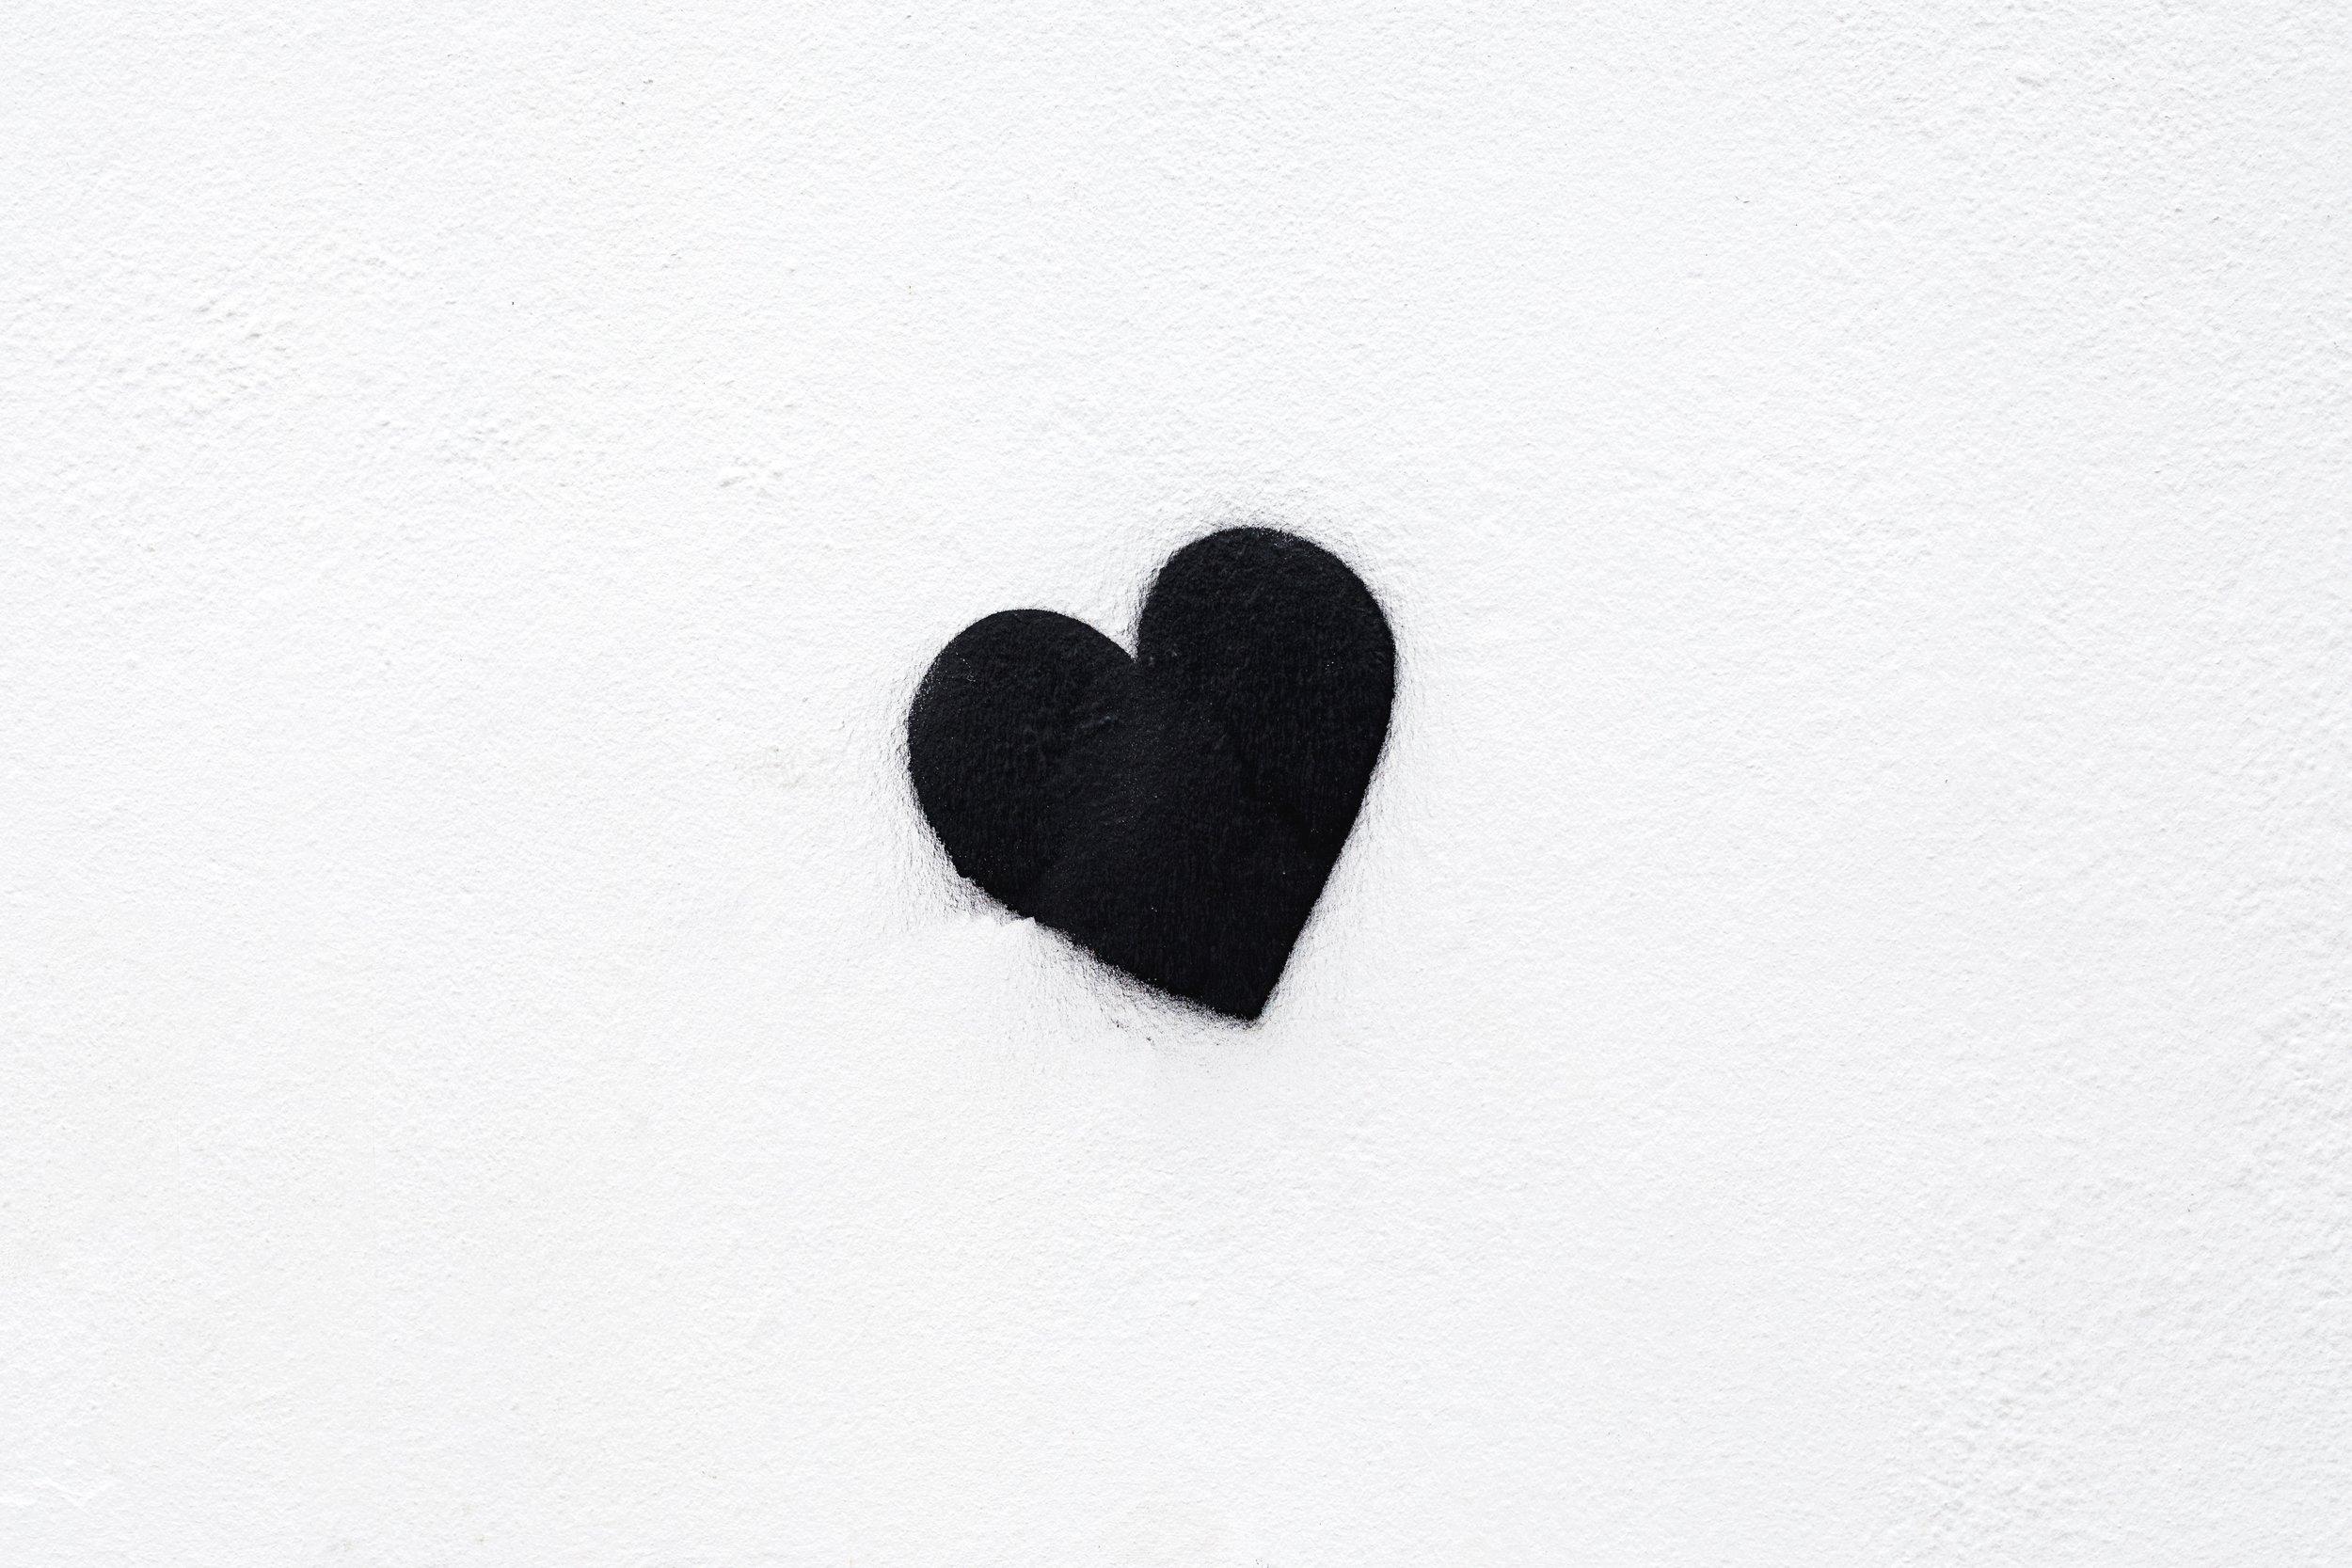 black heart on white background.jpg